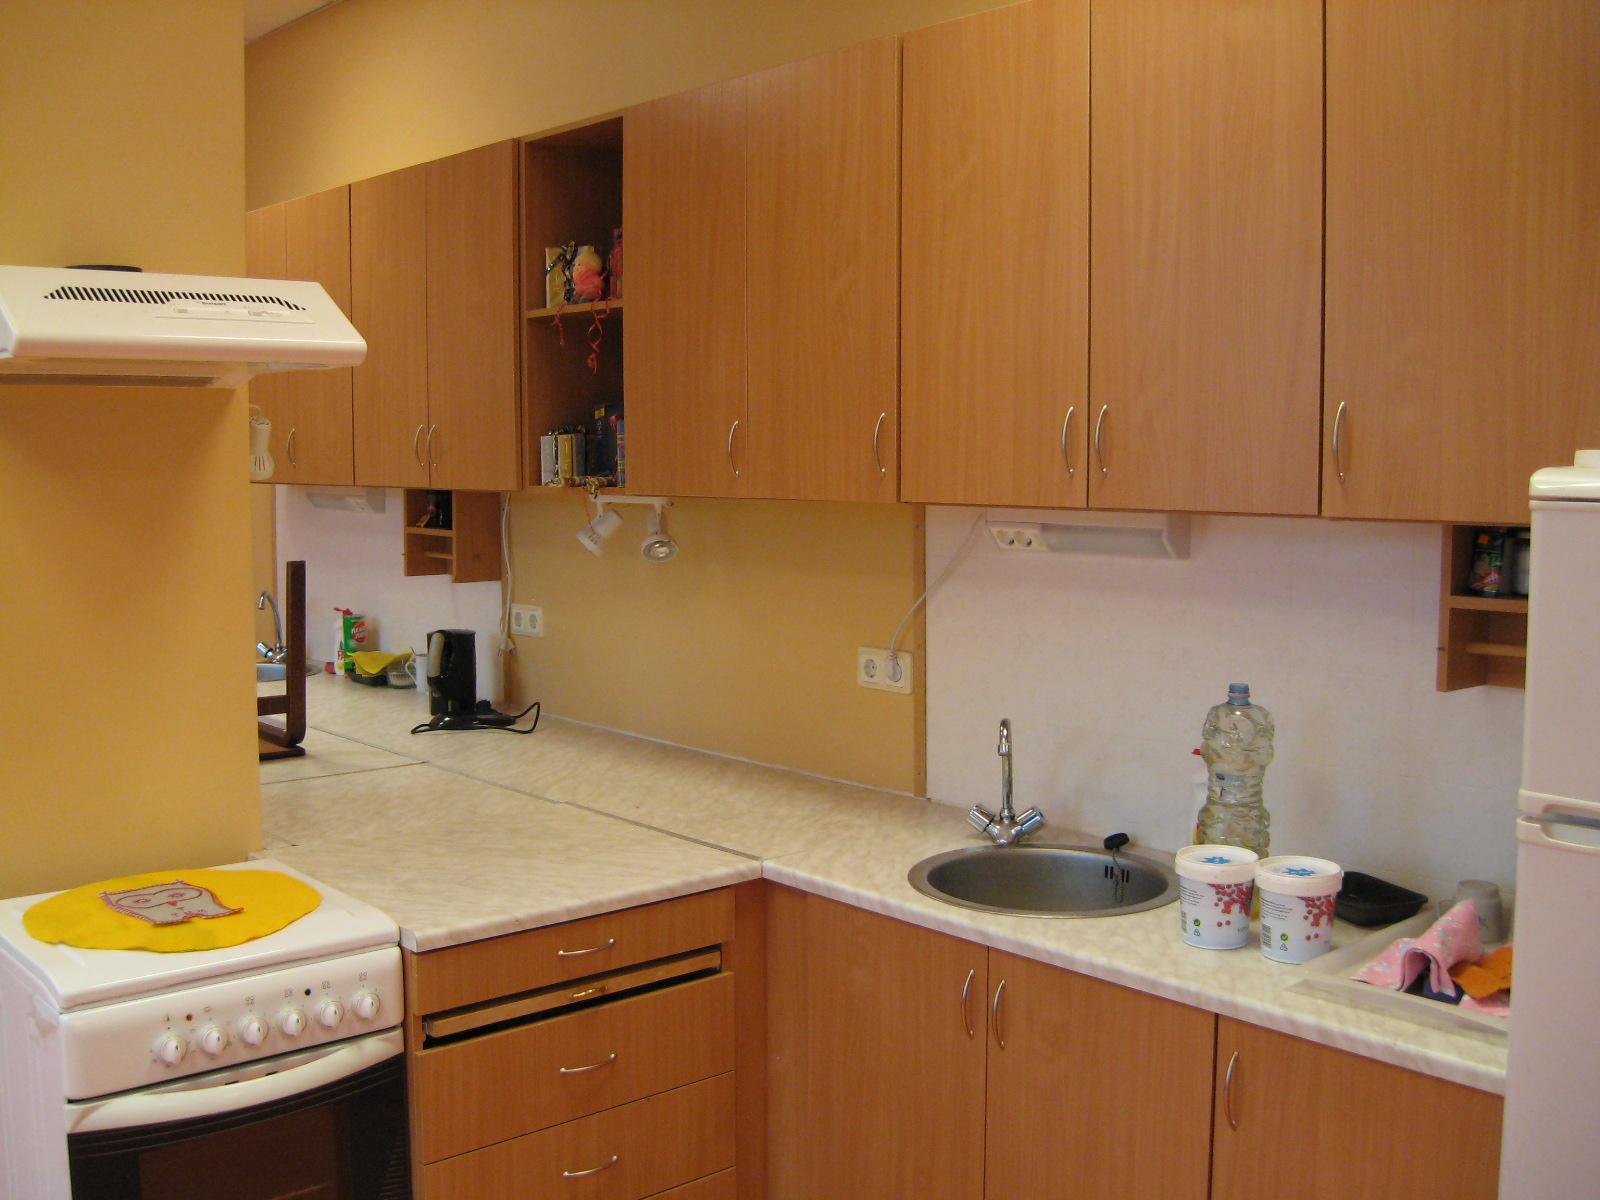 Фото дизайн кухни с вентиляционным коробом